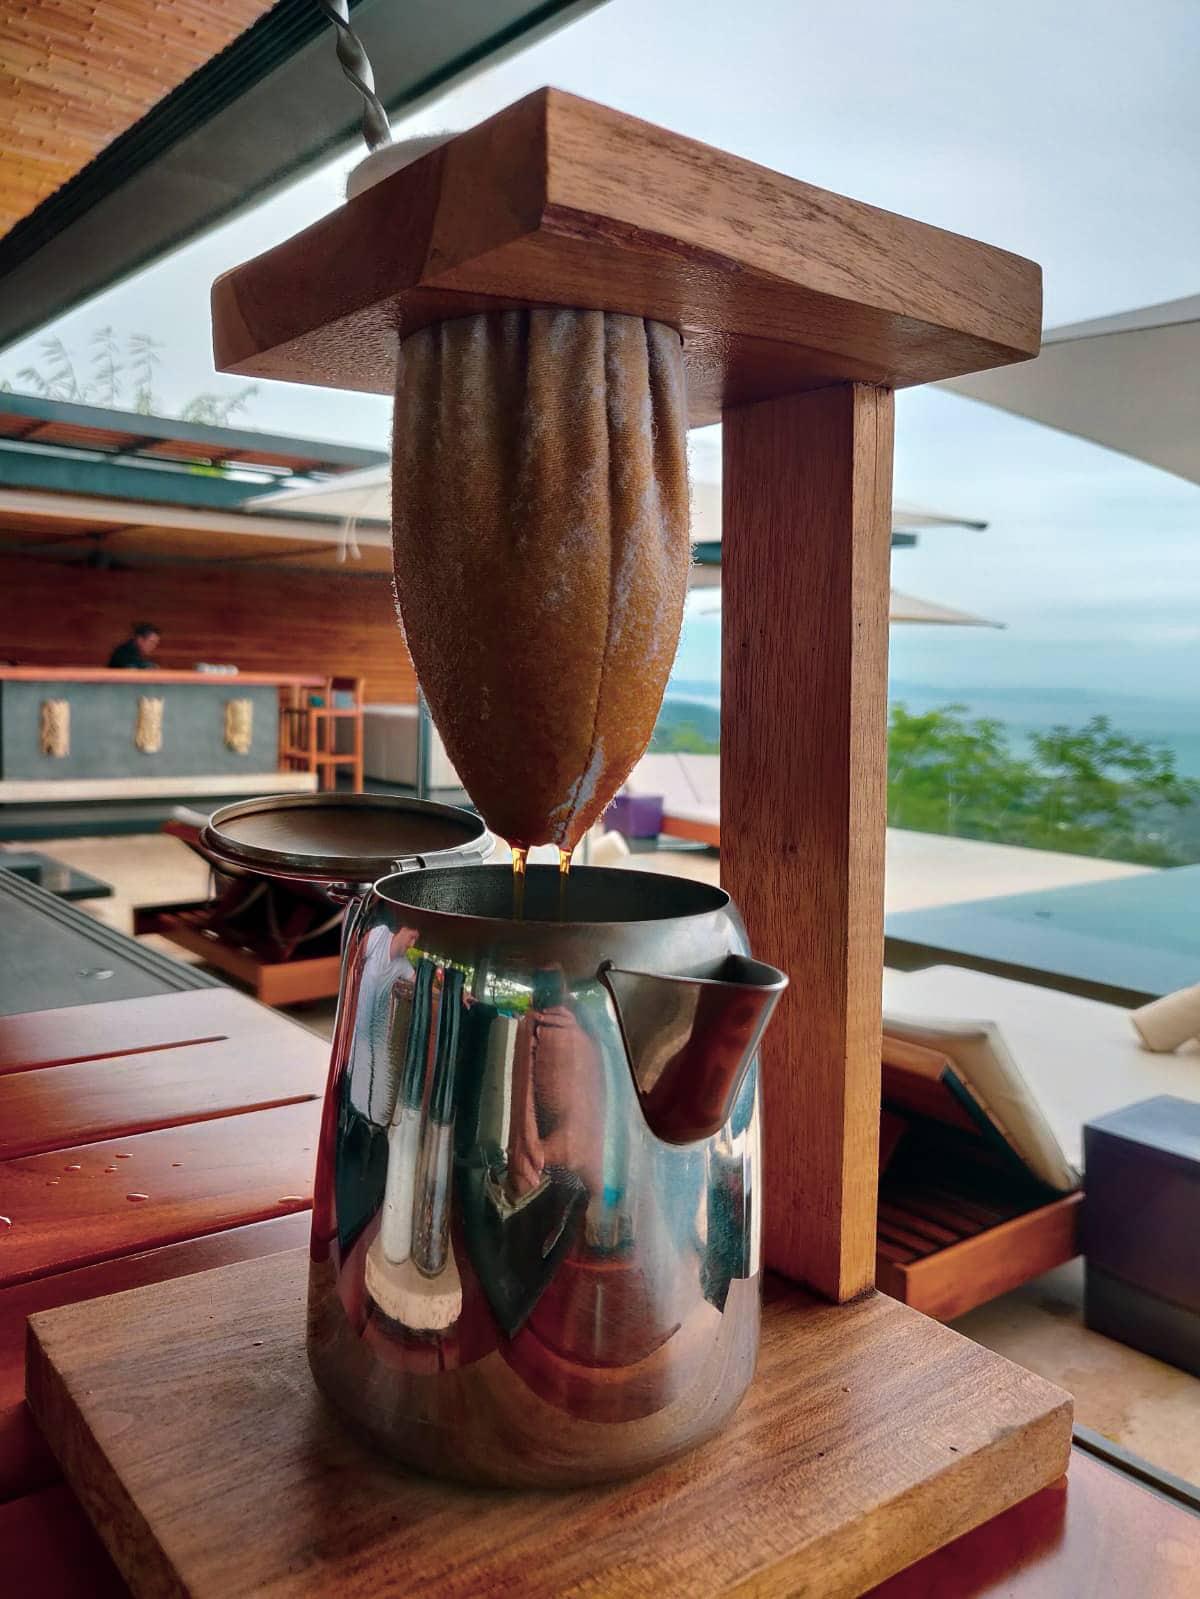 Traditionelle Zubereitung von Kaffee in Costa Rica